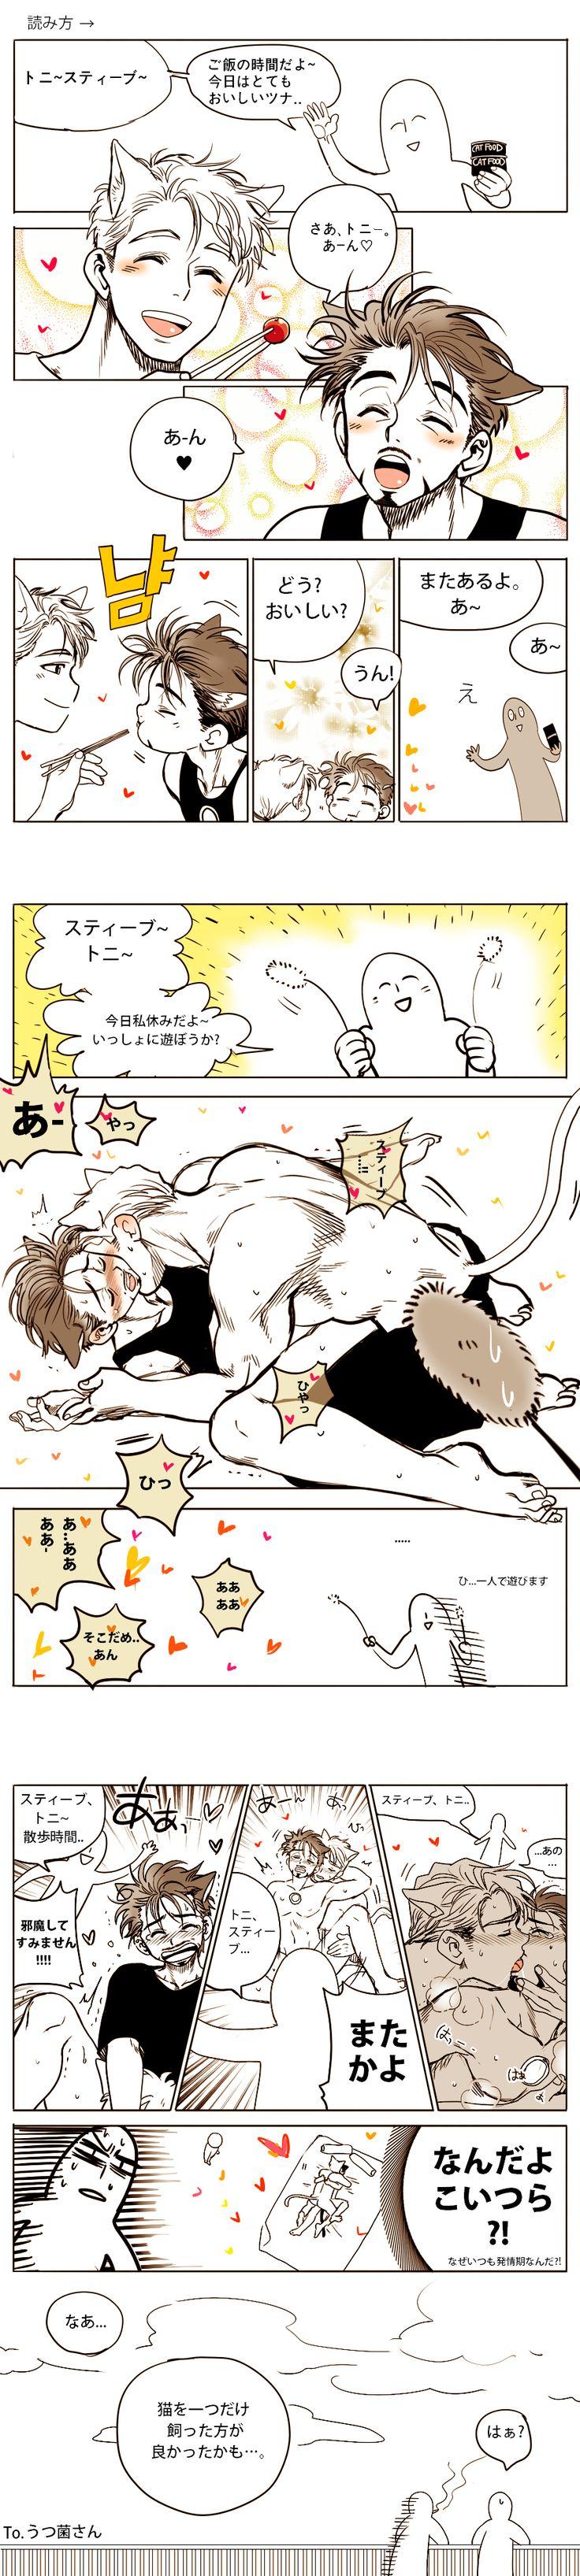 「らくがき」/「PONG」の漫画 [pixiv]